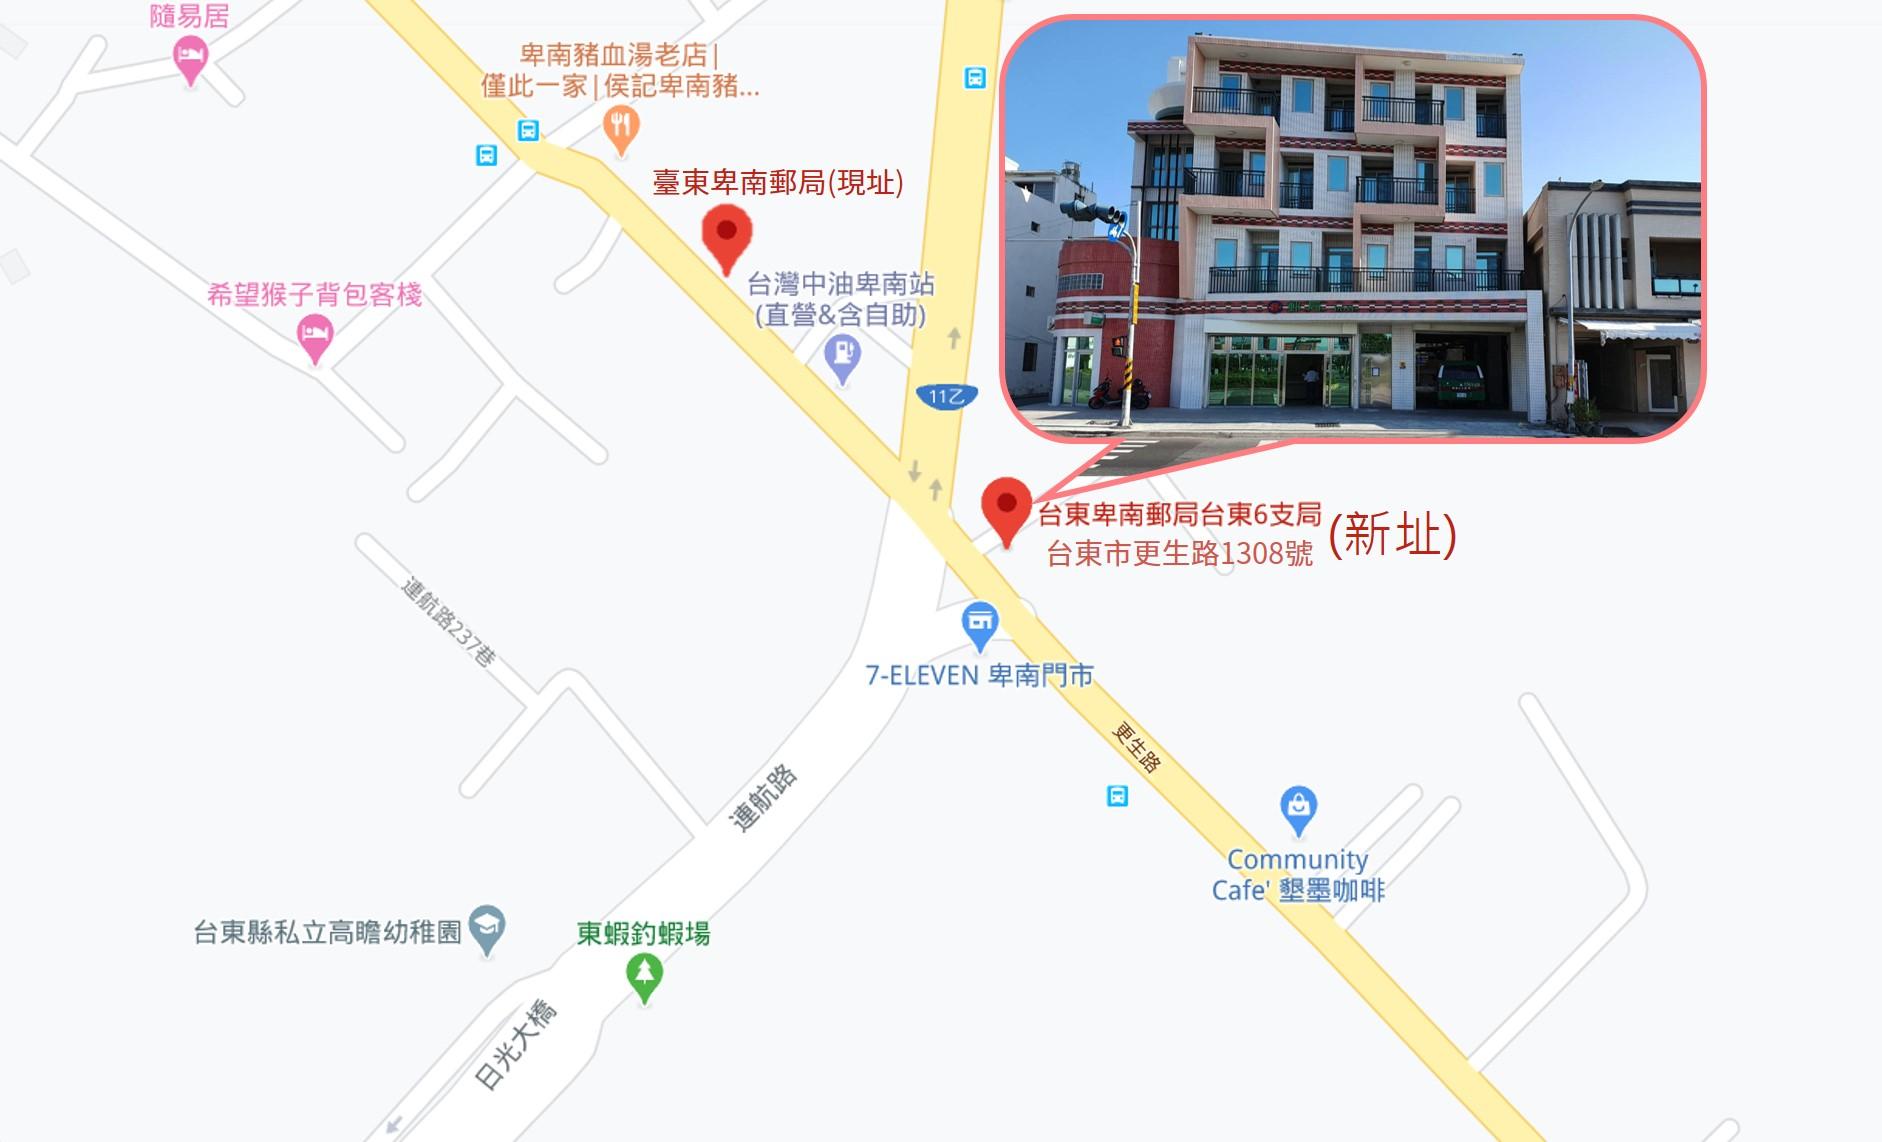 本轄臺東卑南郵局訂於109年4月27日(星期一)遷址營業。